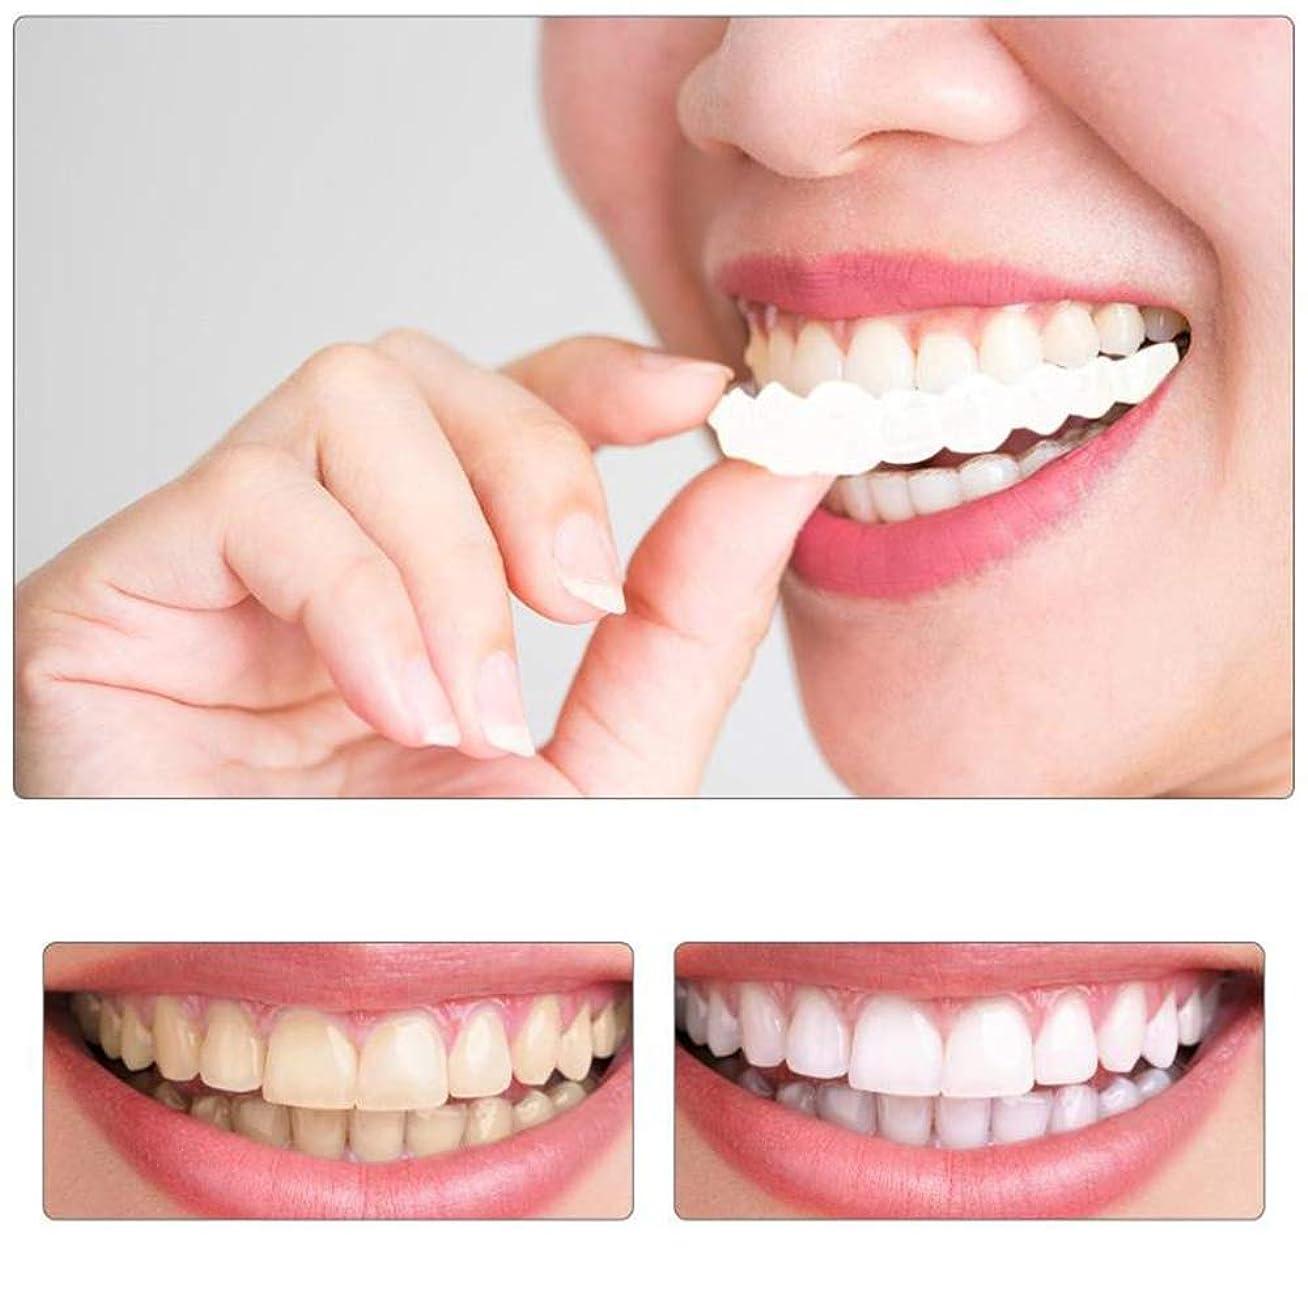 やむを得ない哲学的制限1ペア偽歯上部偽偽歯カバースナップオン即時歯化粧品義歯ケアオーラルケアプラスチックホワイトニング義歯